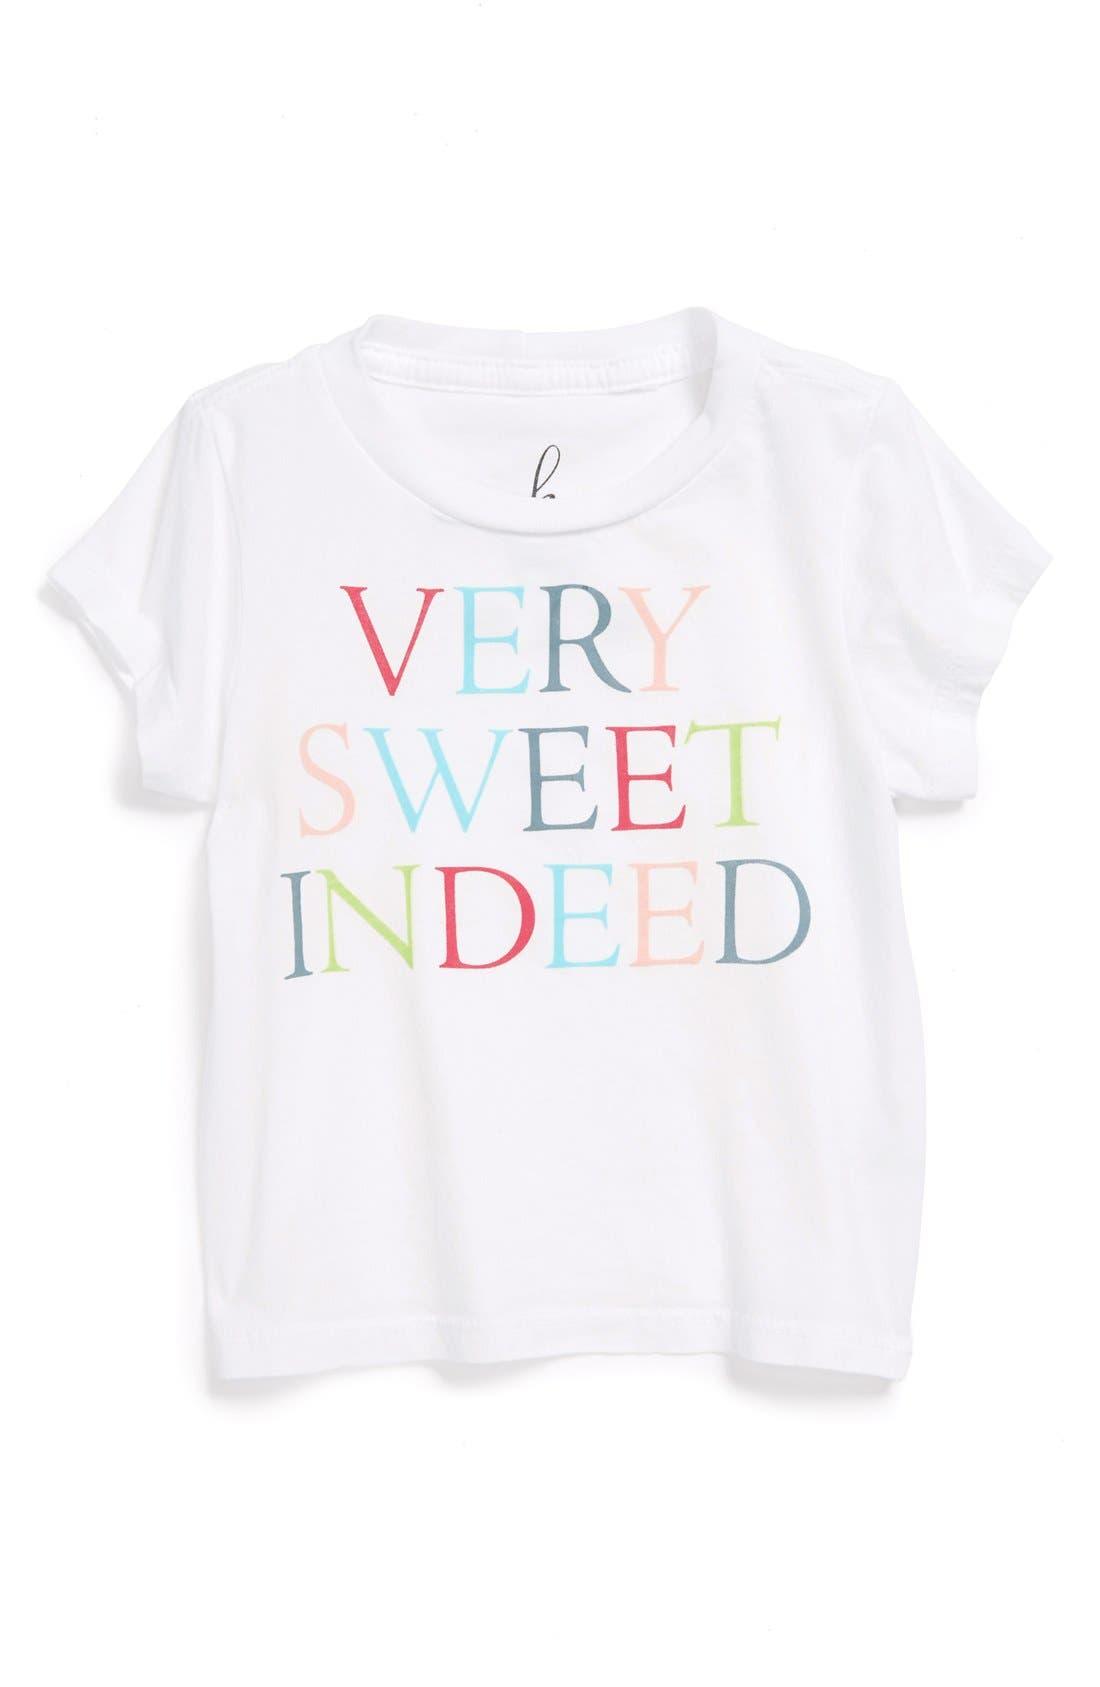 Alternate Image 1 Selected - Peek 'Very Sweet Indeed' Tee (Baby Girls)